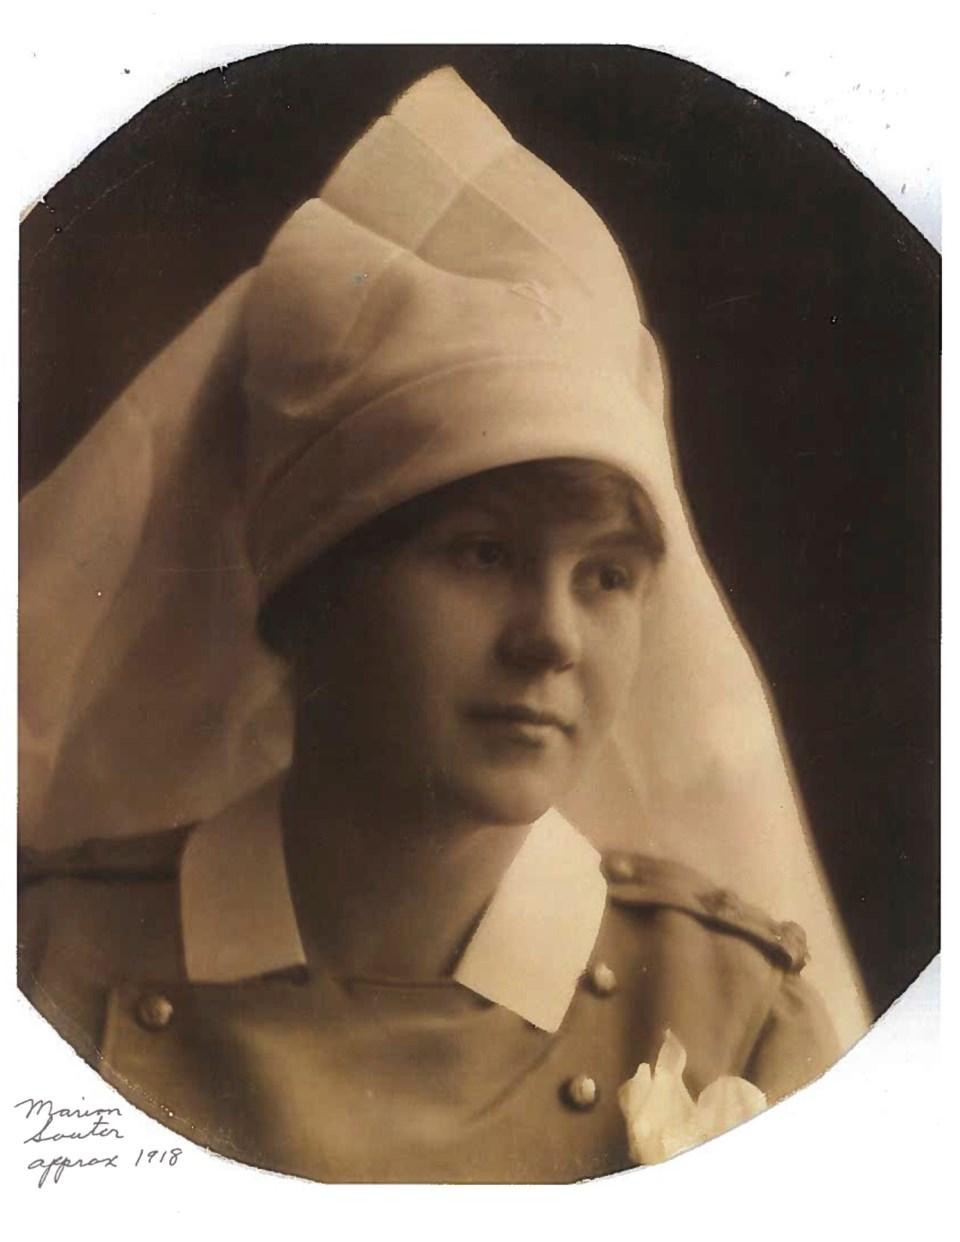 Marion Souter